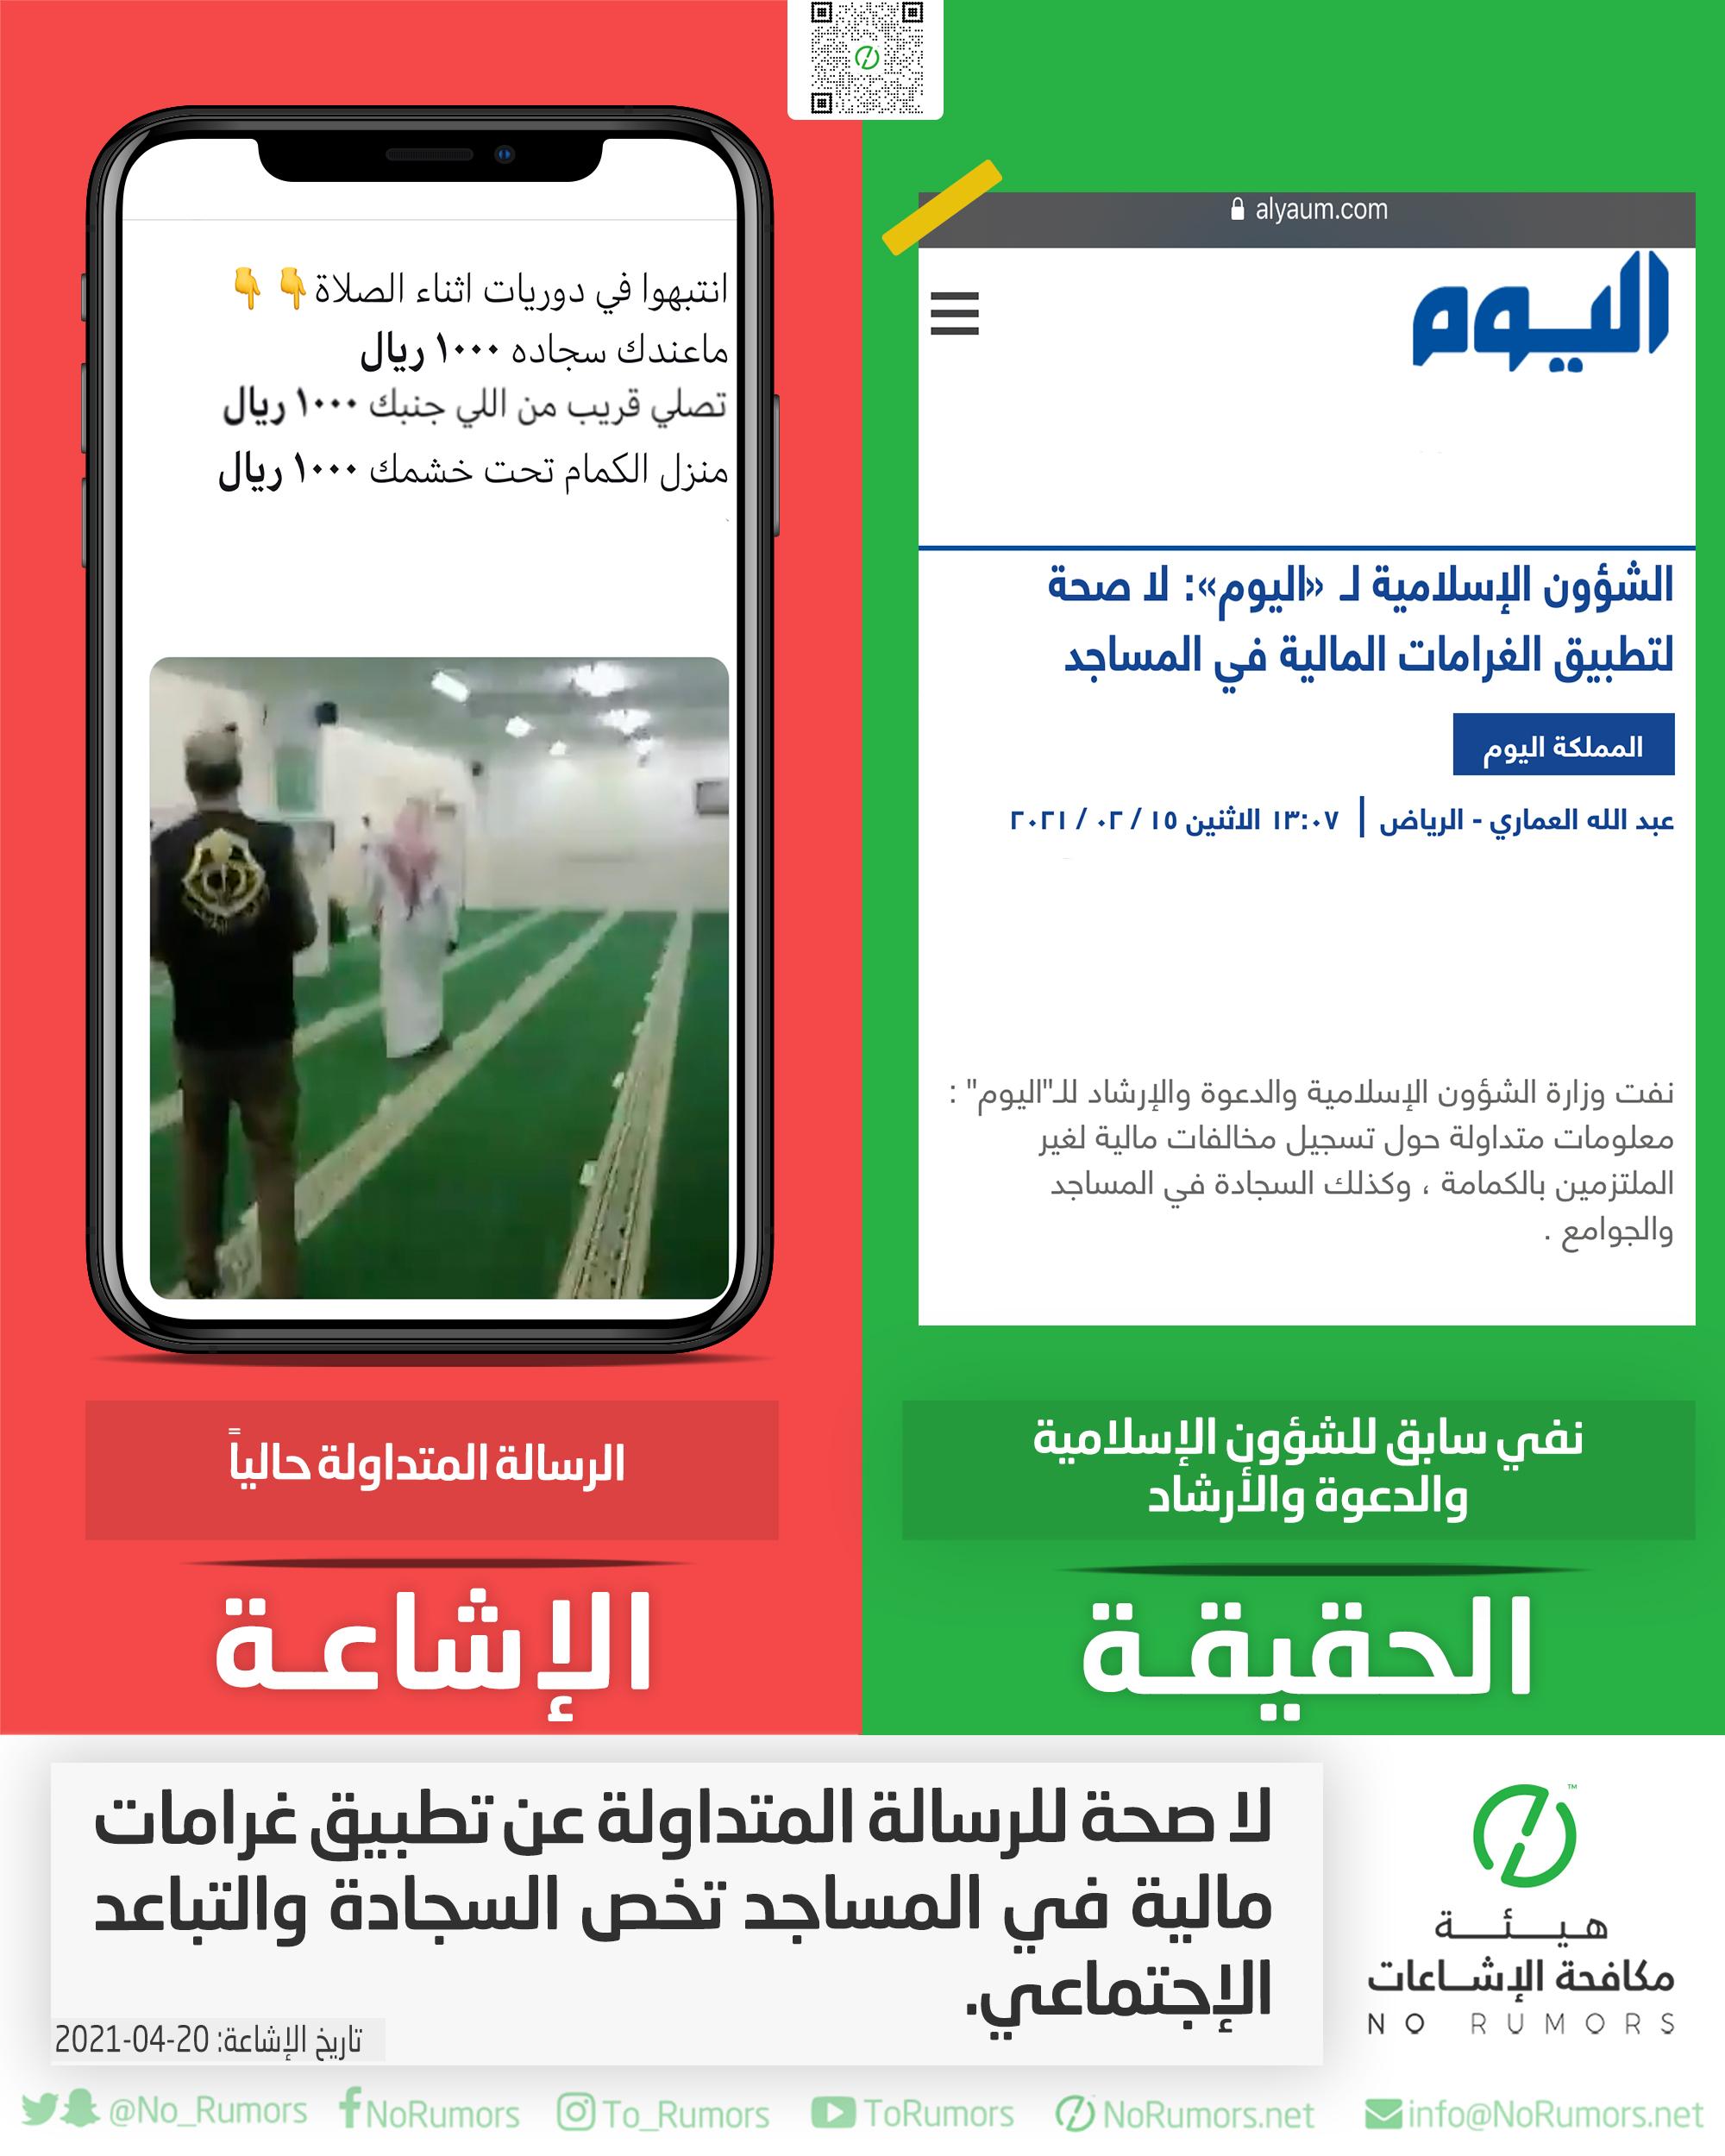 حقيقة الرسالة المتداولة عن تطبيق غرامات مالية في المساجد تخص السجادة والتباعد الإجتماعي